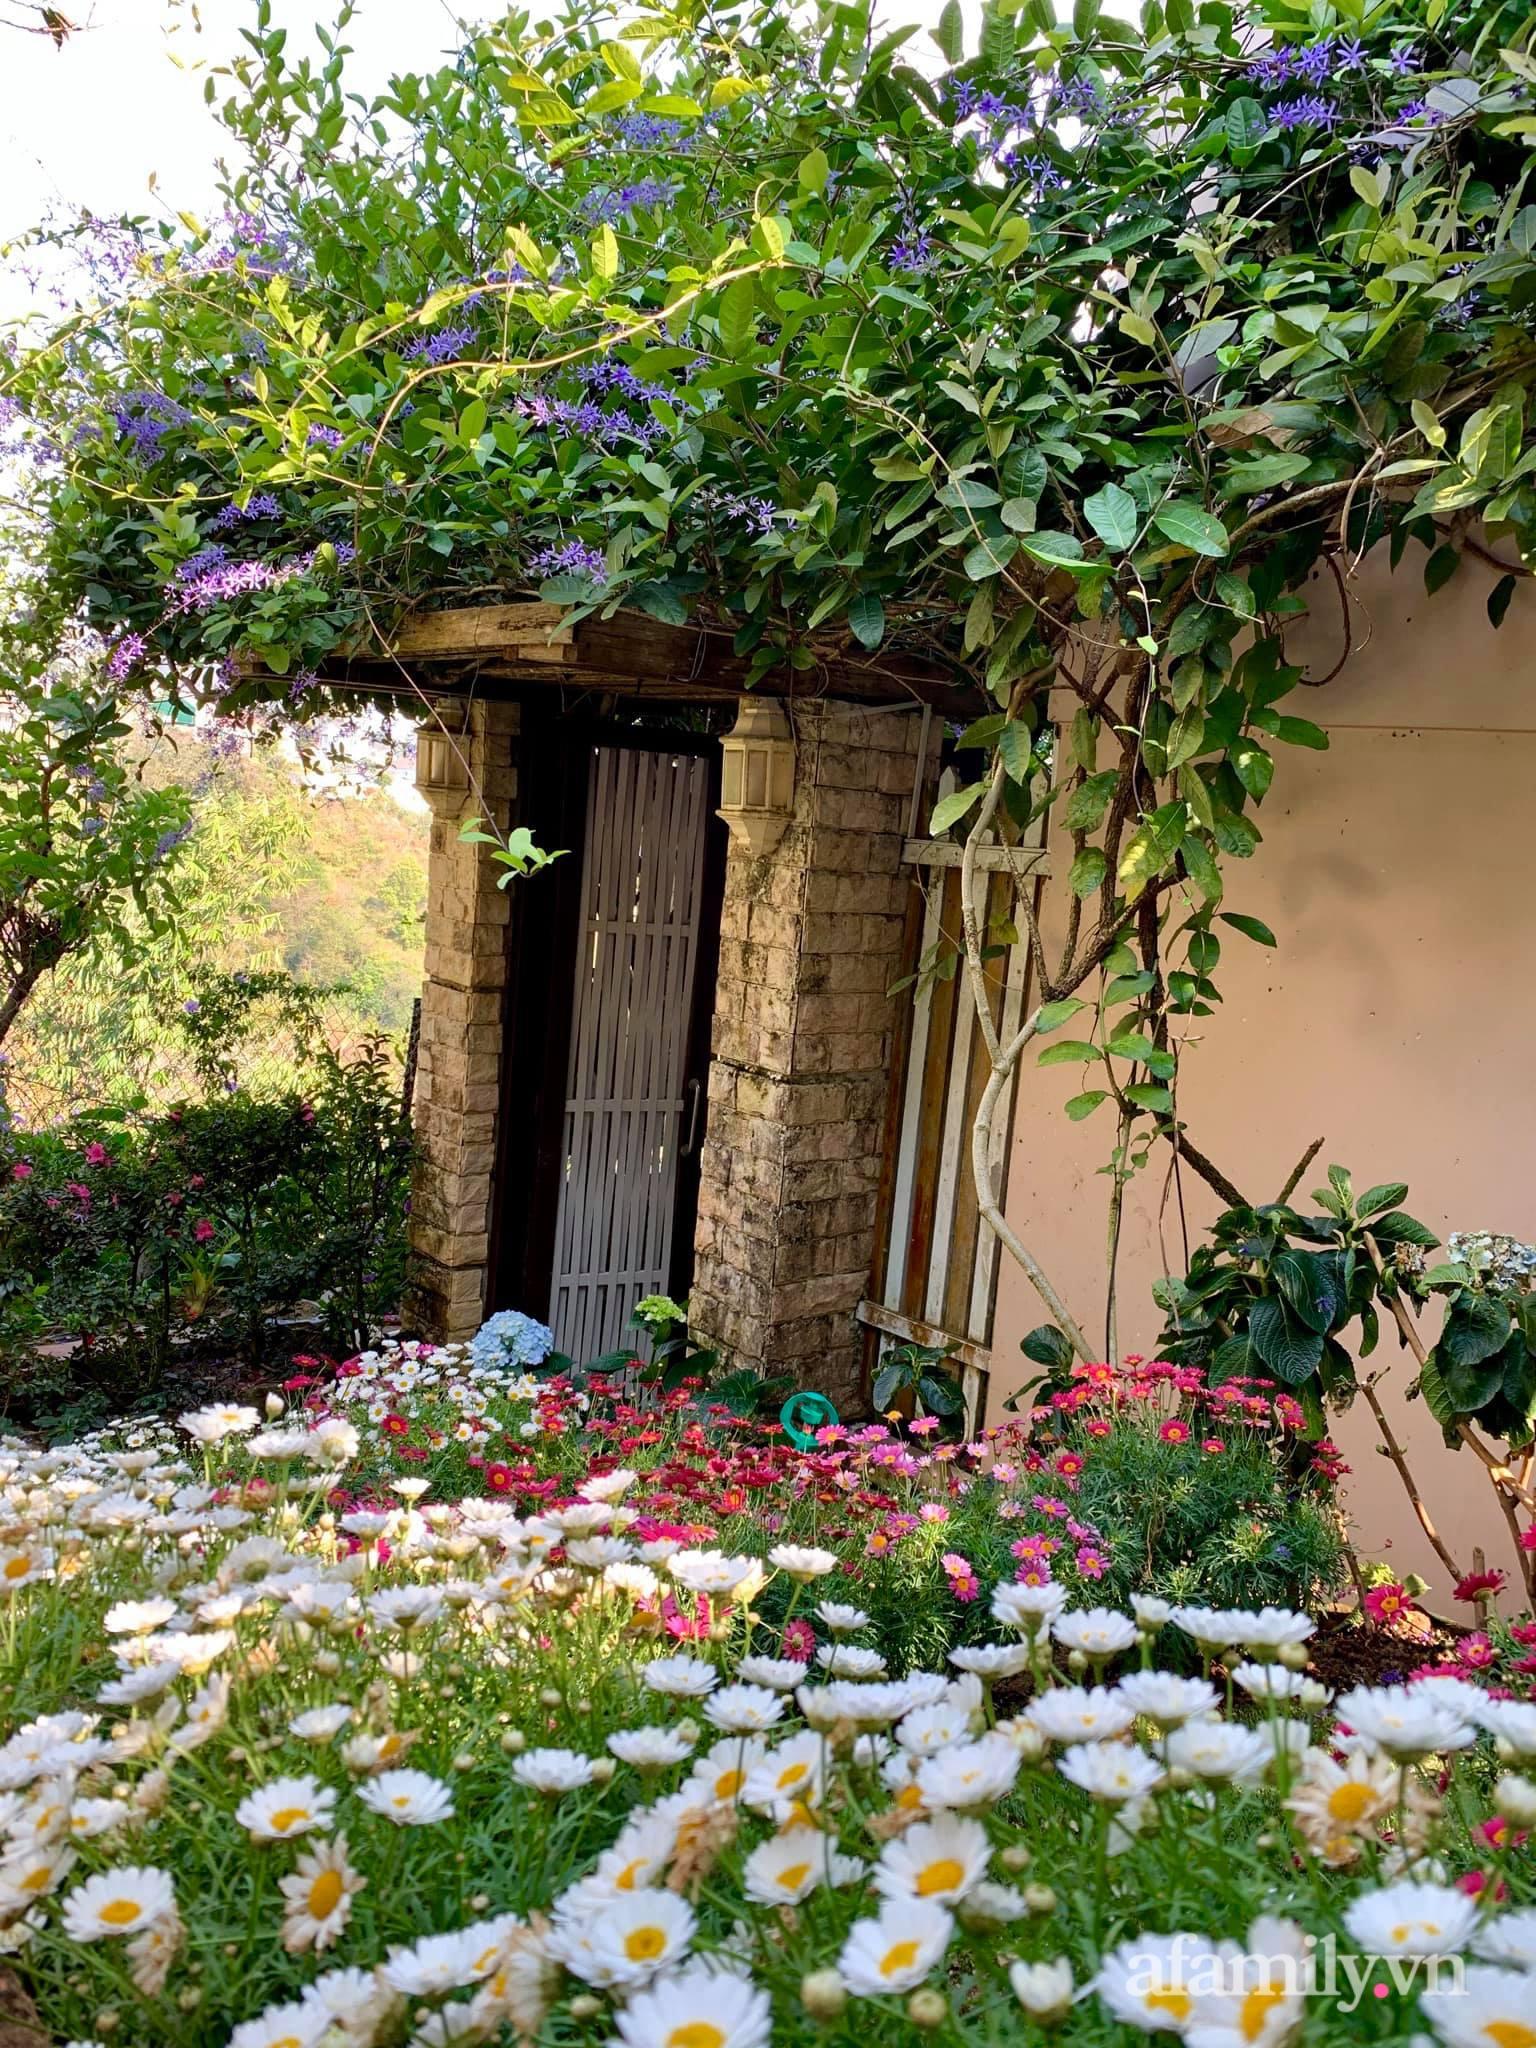 Ngôi nhà nhỏ yên bình sở hữu khu vườn đẹp như xứ sở thần tiên giữa lưng chừng đồi ở Đà Lạt - Ảnh 18.